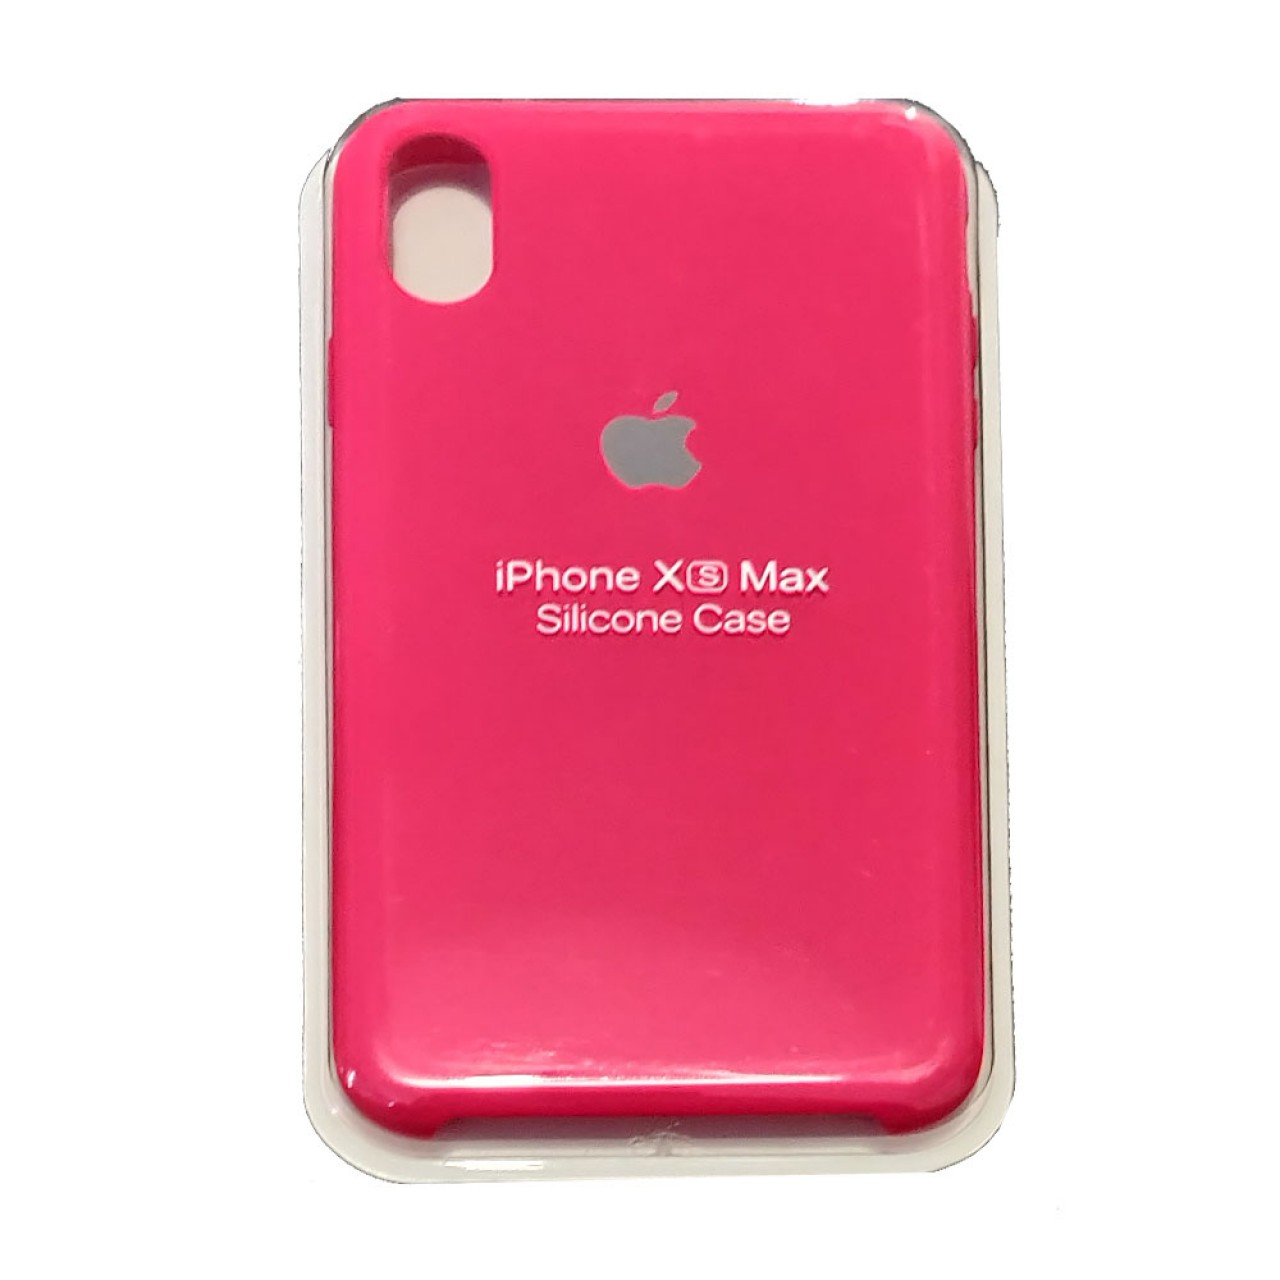 ΘΗΚΗ ΠΡΟΣΤΑΣΙΑΣ ΣΙΛΙΚΟΝΗΣ ΓΙΑ iPhone XS MAX ΦΟΥΞΙΑ - BACK COVER SILICON CASE FUCHSIA - OEM